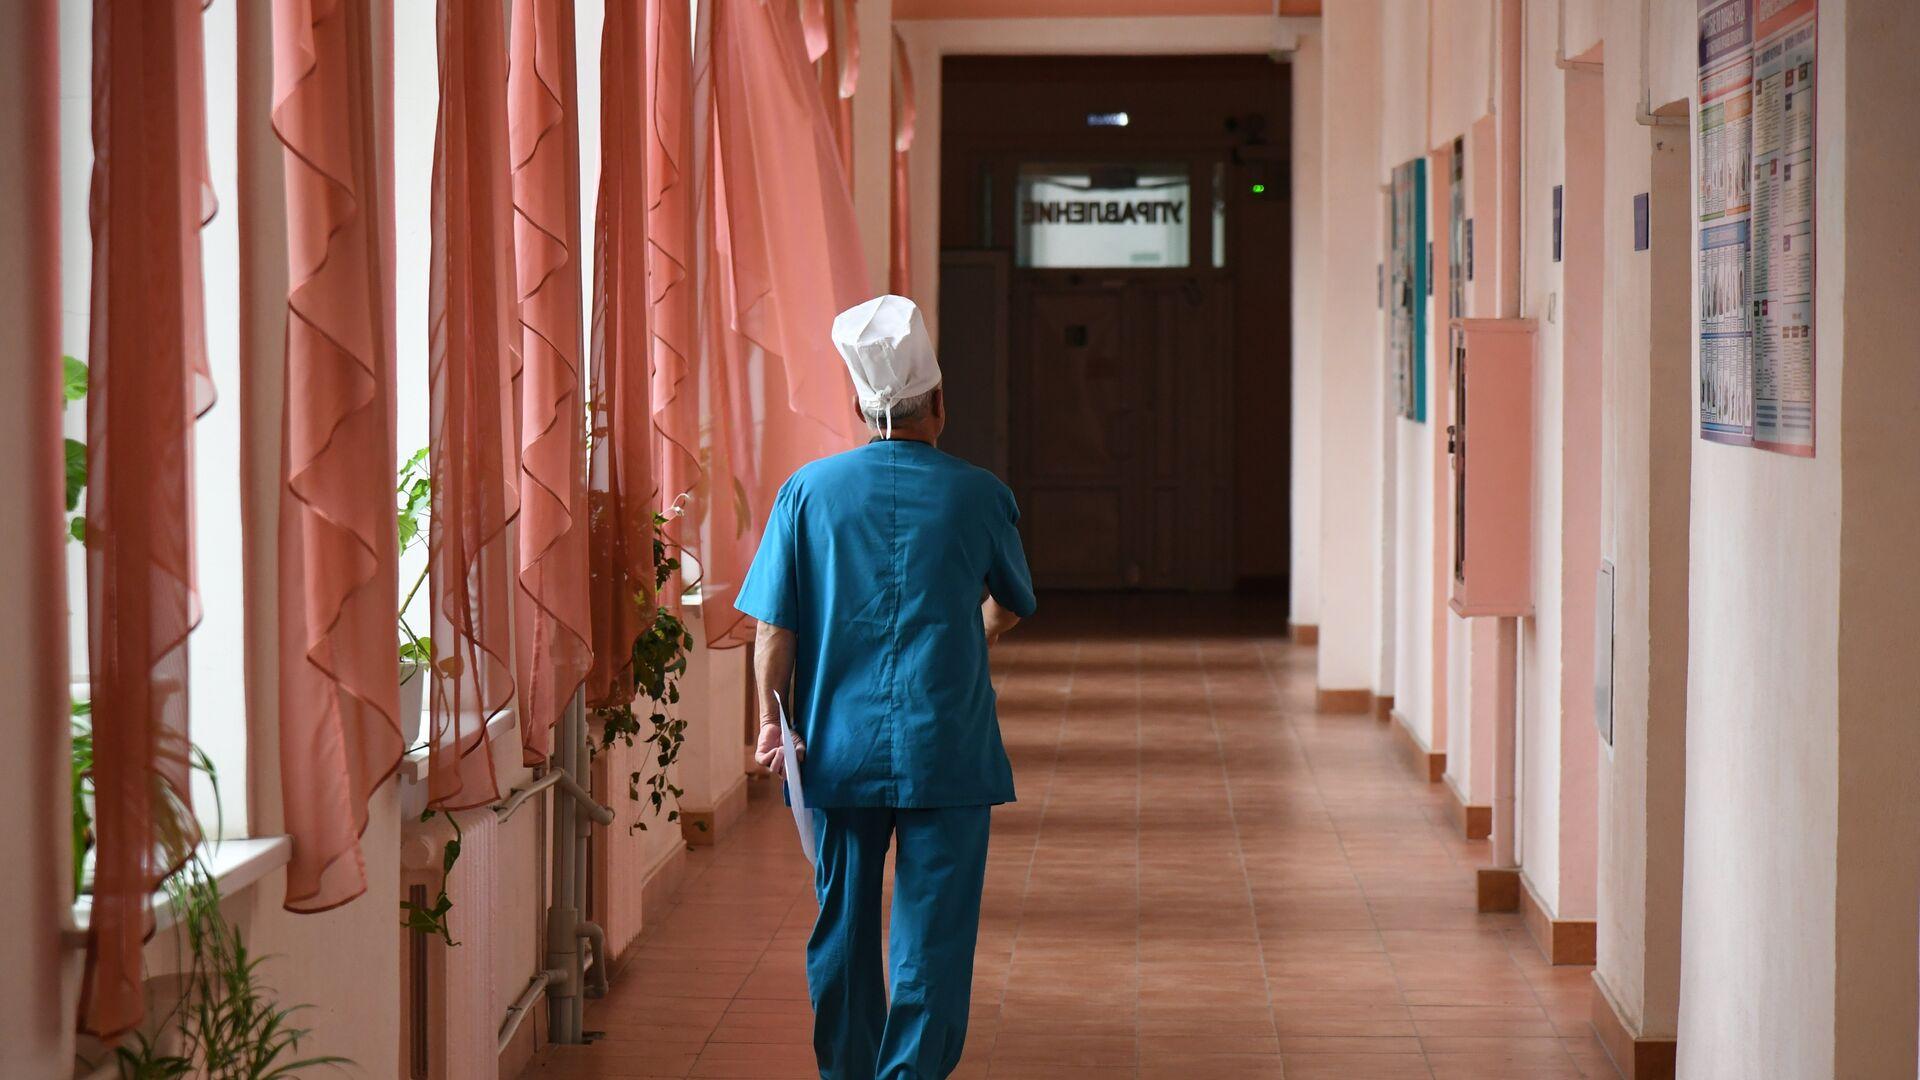 Врач в коридоре Симферопольской клинической больницы скорой медпомощи №6 - РИА Новости, 1920, 16.09.2021